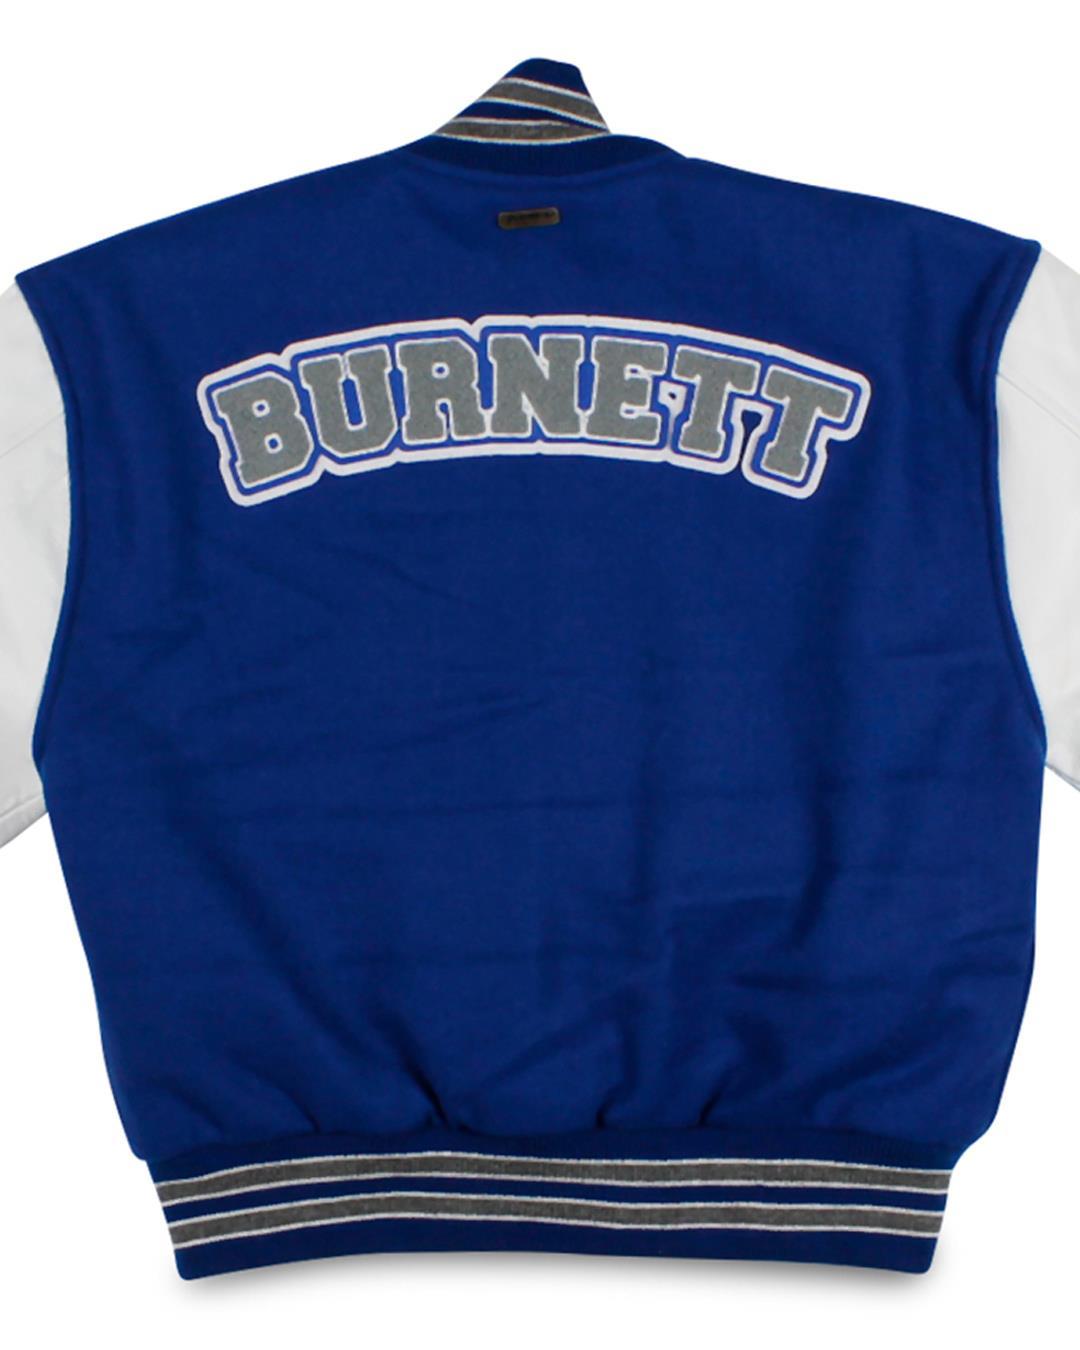 Bellevue Christian School Varsity Jacket, Bellevue WA - Back